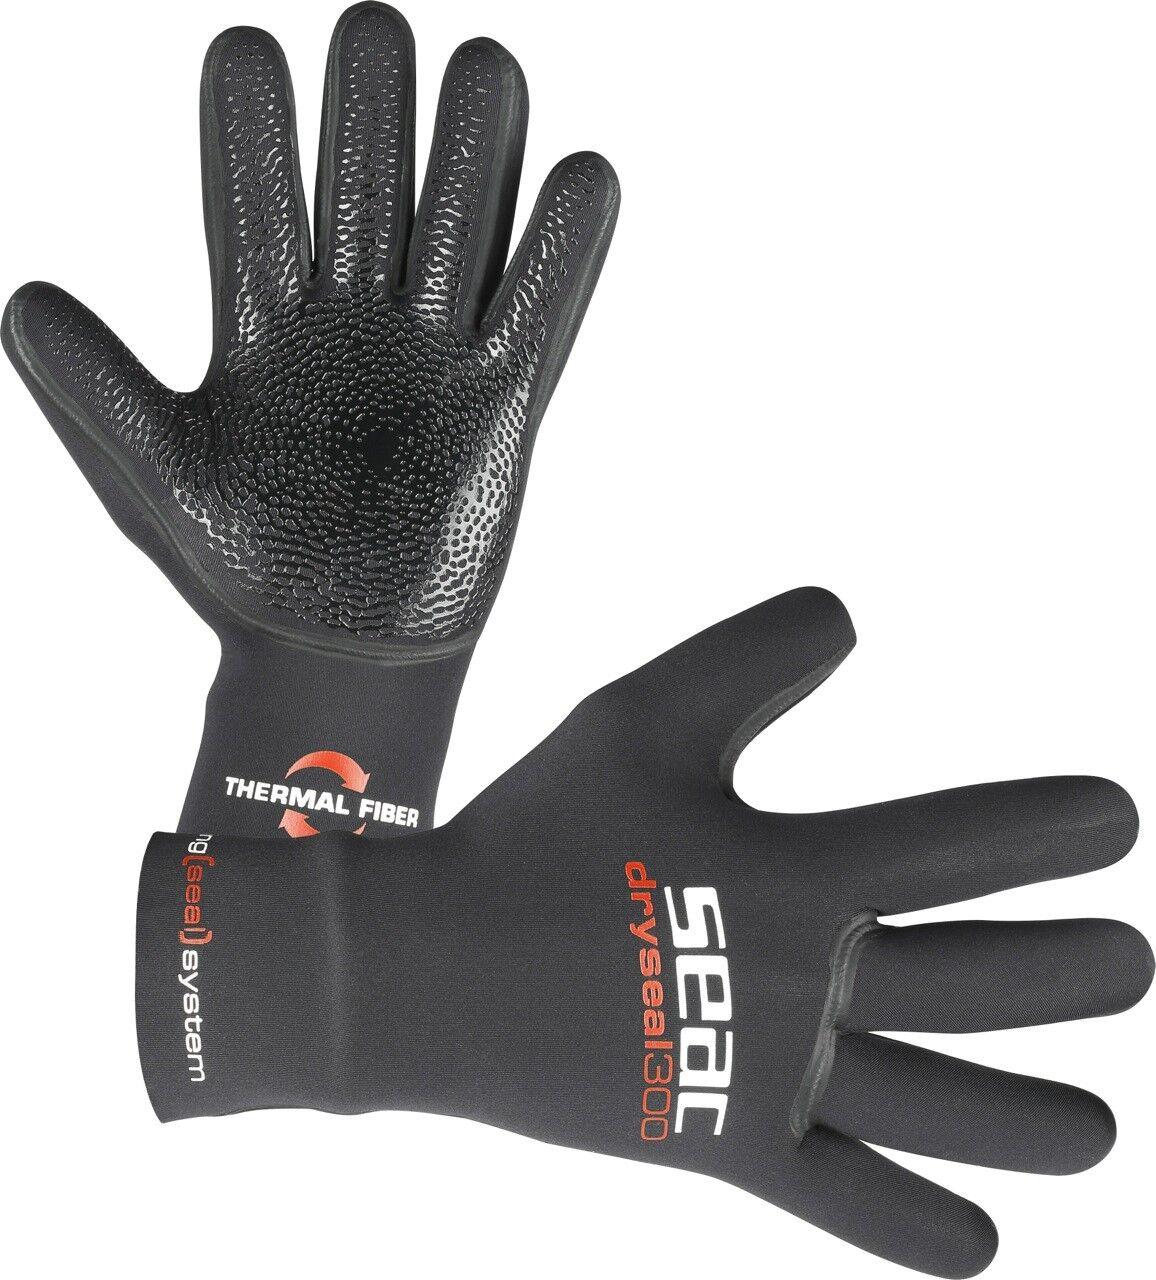 Tauchhandschuhe Tauchen Handschuh Neoprenhandschuhe Neopren 5mm Seac Dryseal 500 500 500 81e627